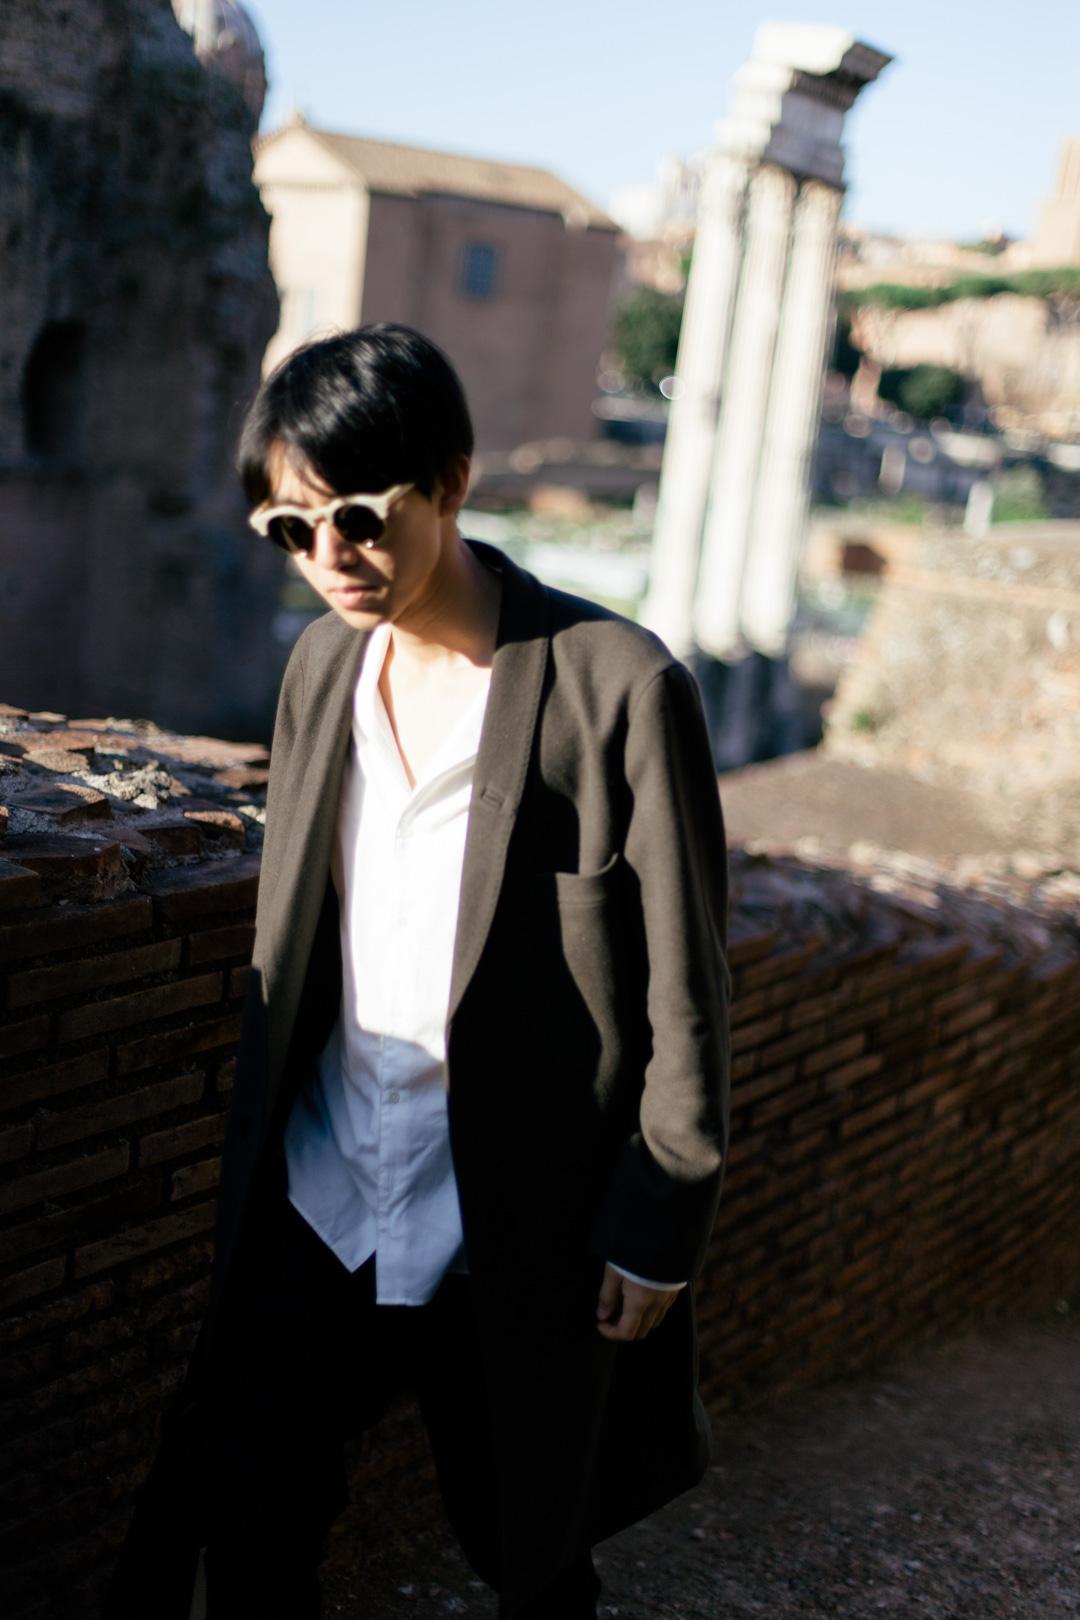 Le-Sycomore_Travel_Rome